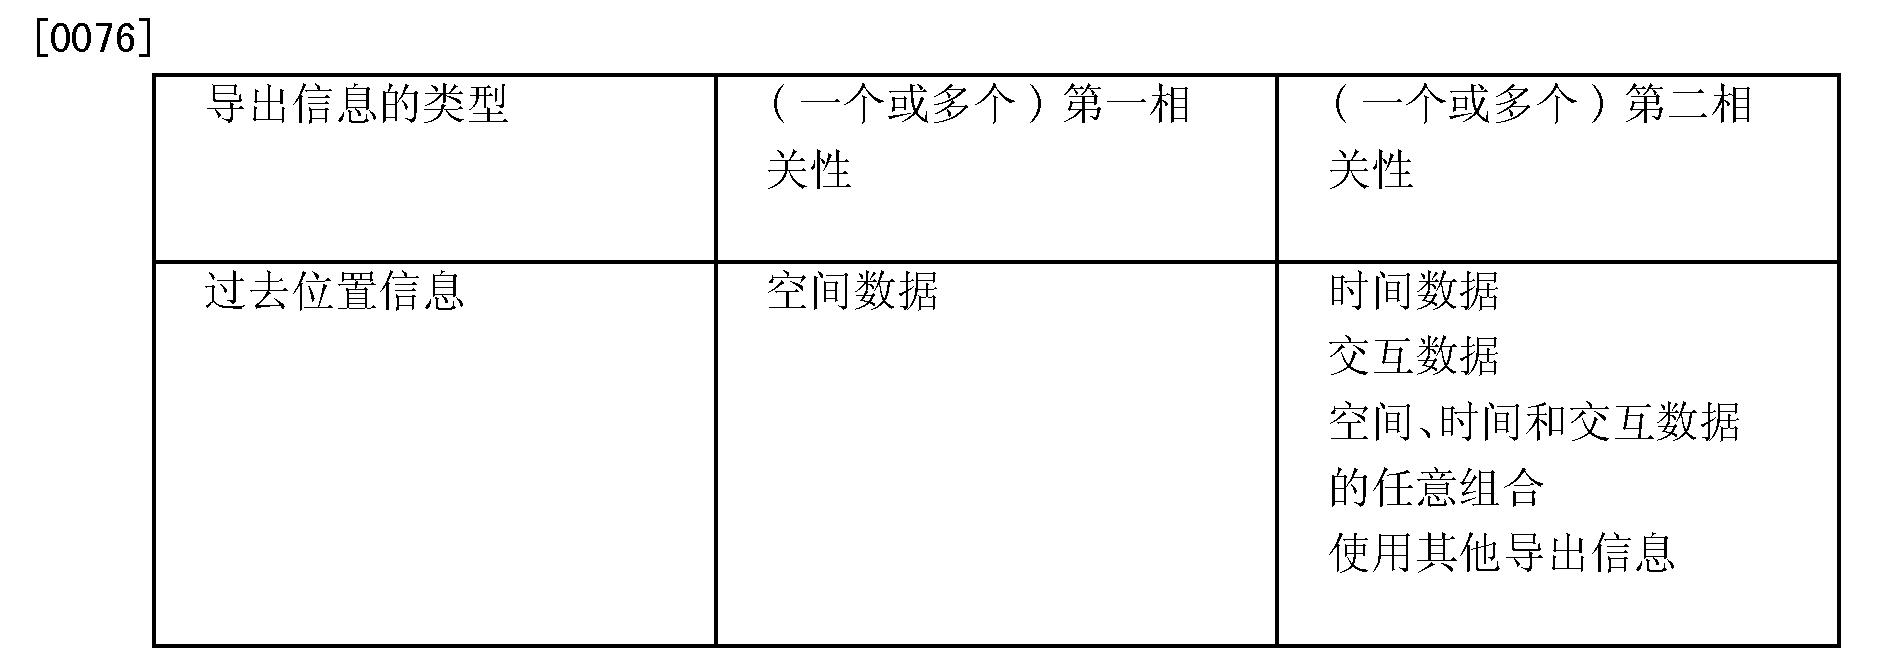 Figure CN101542941BD00151